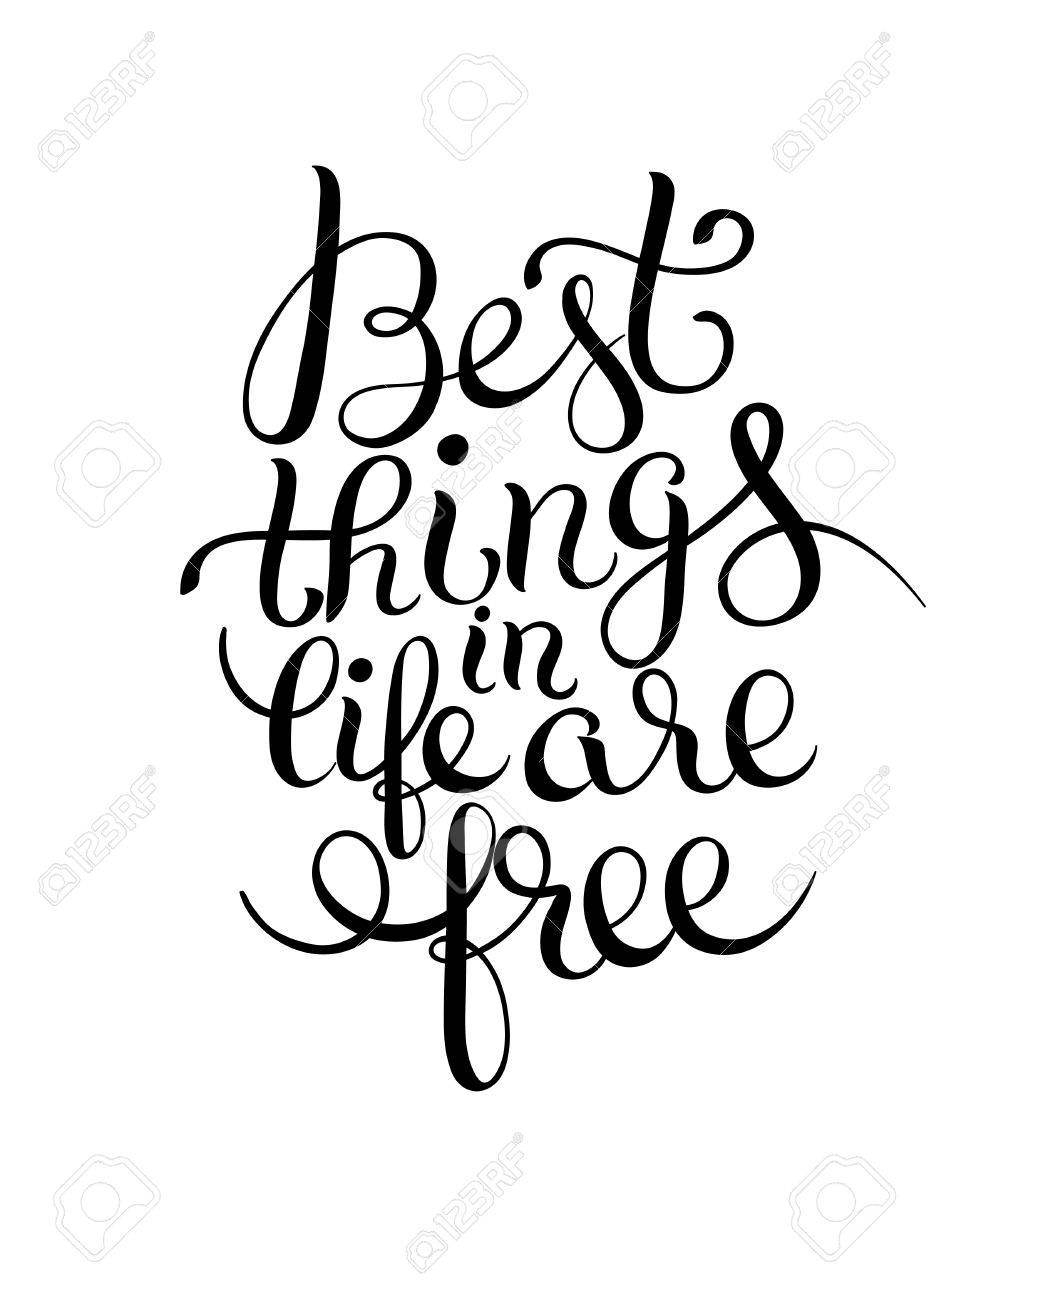 Meilleure Pense Dans La Vie Sont Citation Noir Et Blanc Inspiré Gratuit Pour Votre Conception Dépliant Bannière Carte De Voeux Affiche